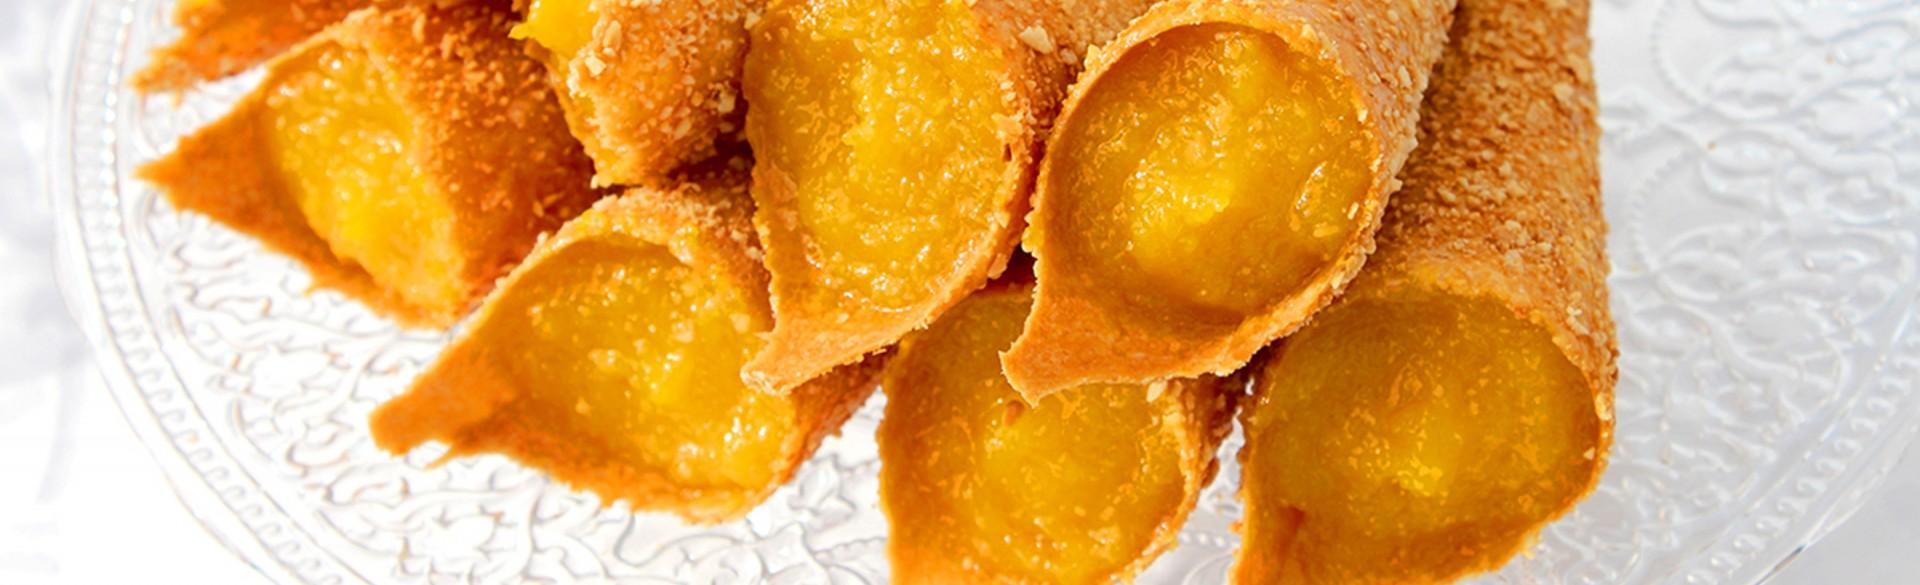 Cartuchinhos de Cernache (almond pastries)